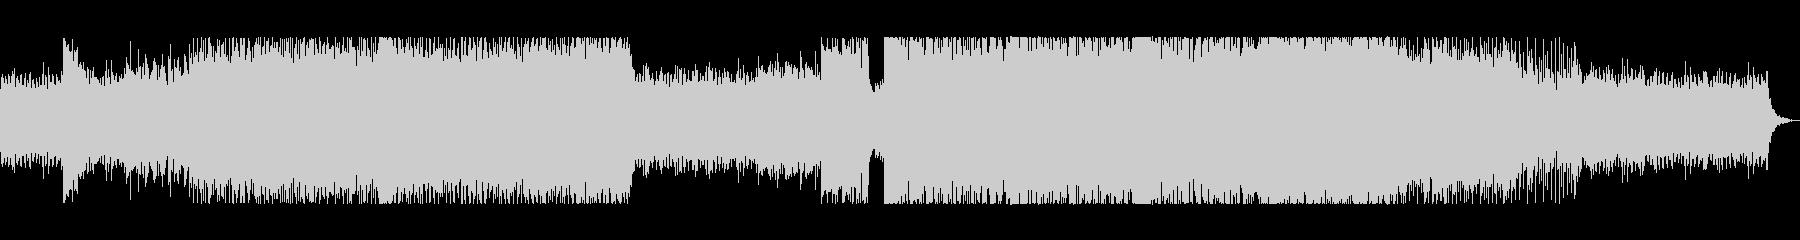 コーラス(クワイア)なしの未再生の波形